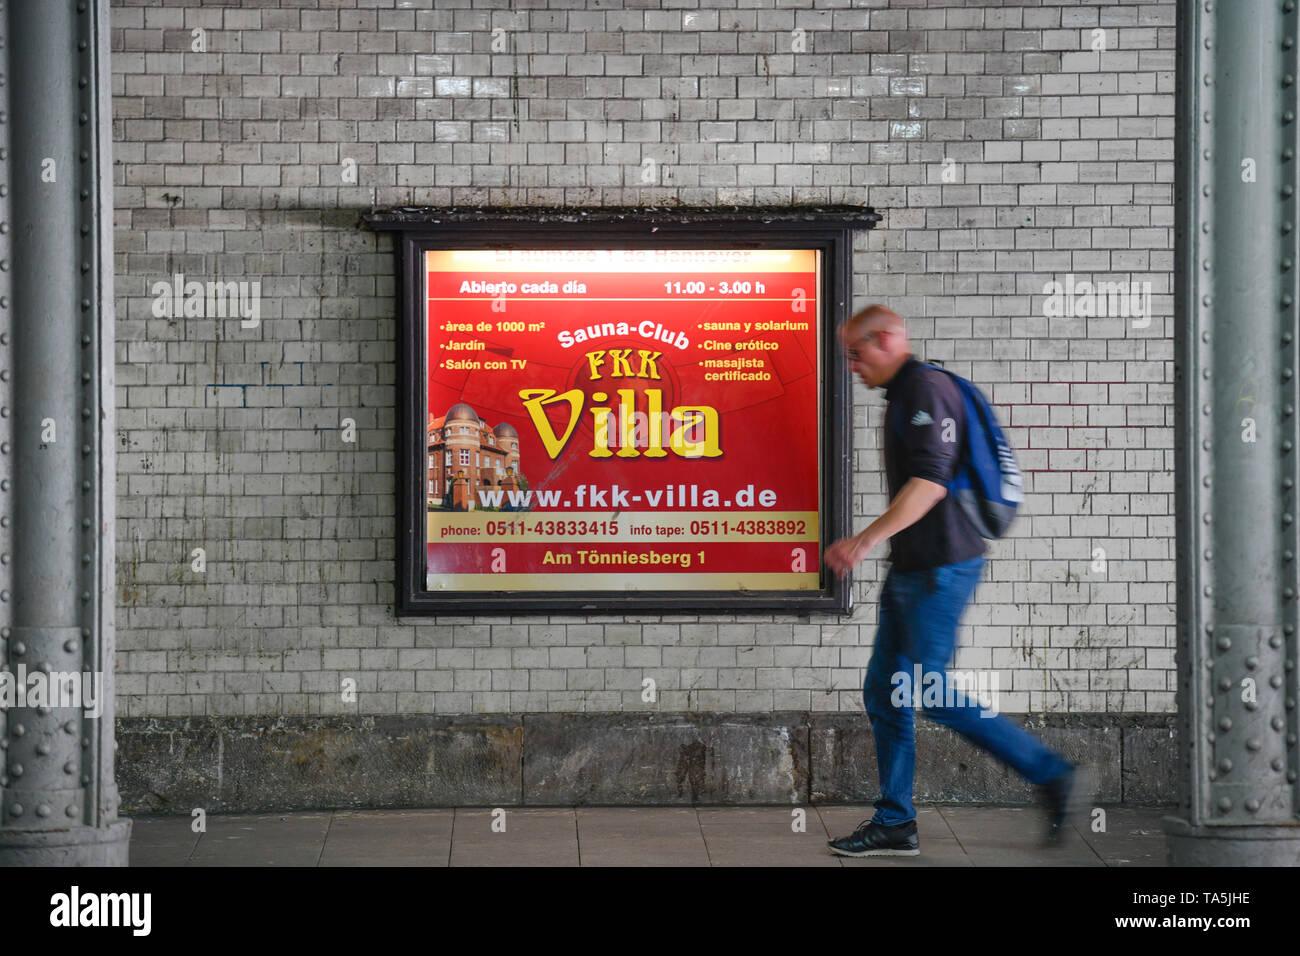 Fkk-villa FKK Villa: